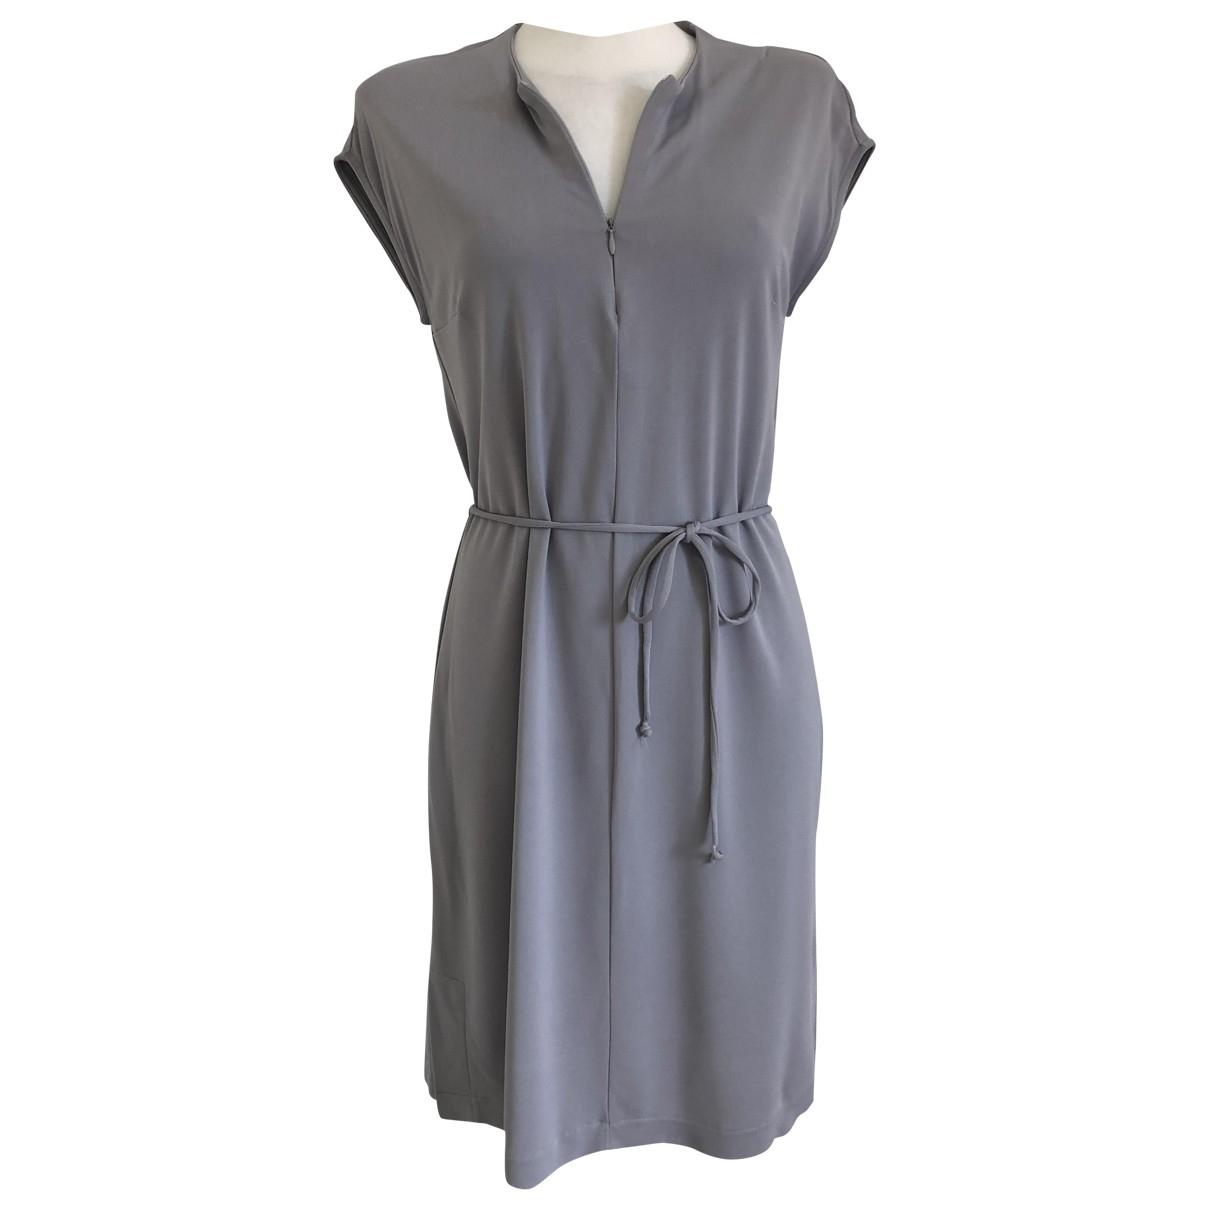 Tiger Of Sweden \N Grey dress for Women S International